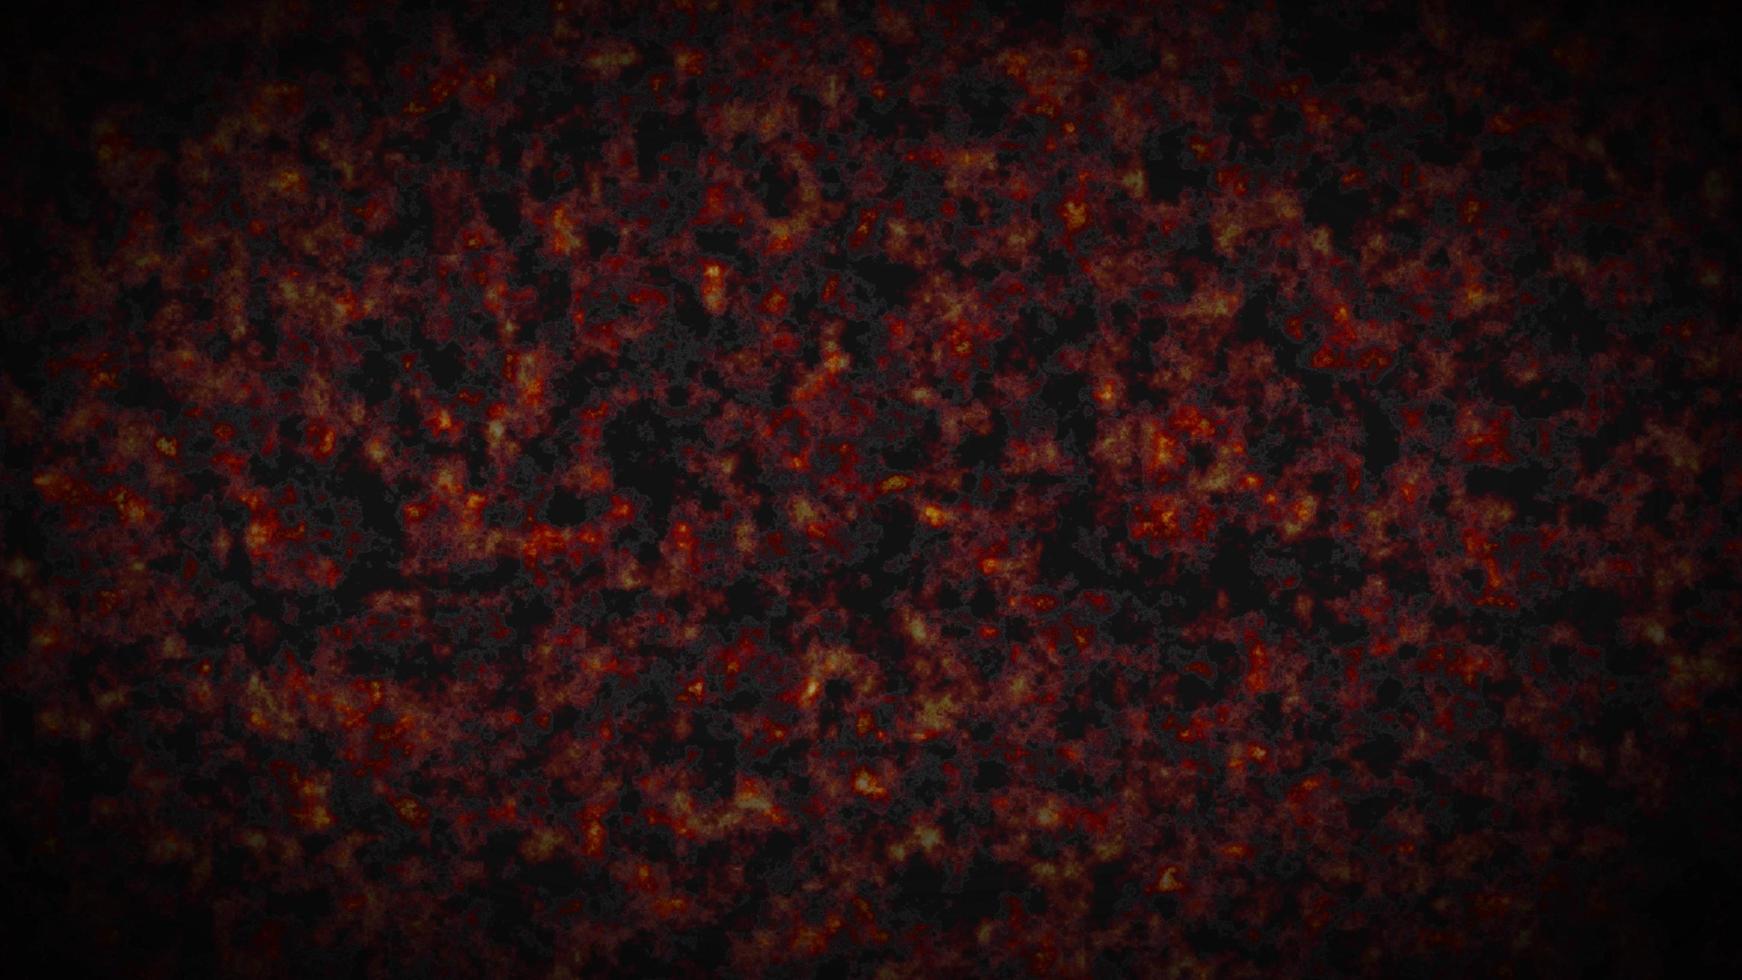 fumée ardente ou brouillard, illustration 3d atmosphérique photo